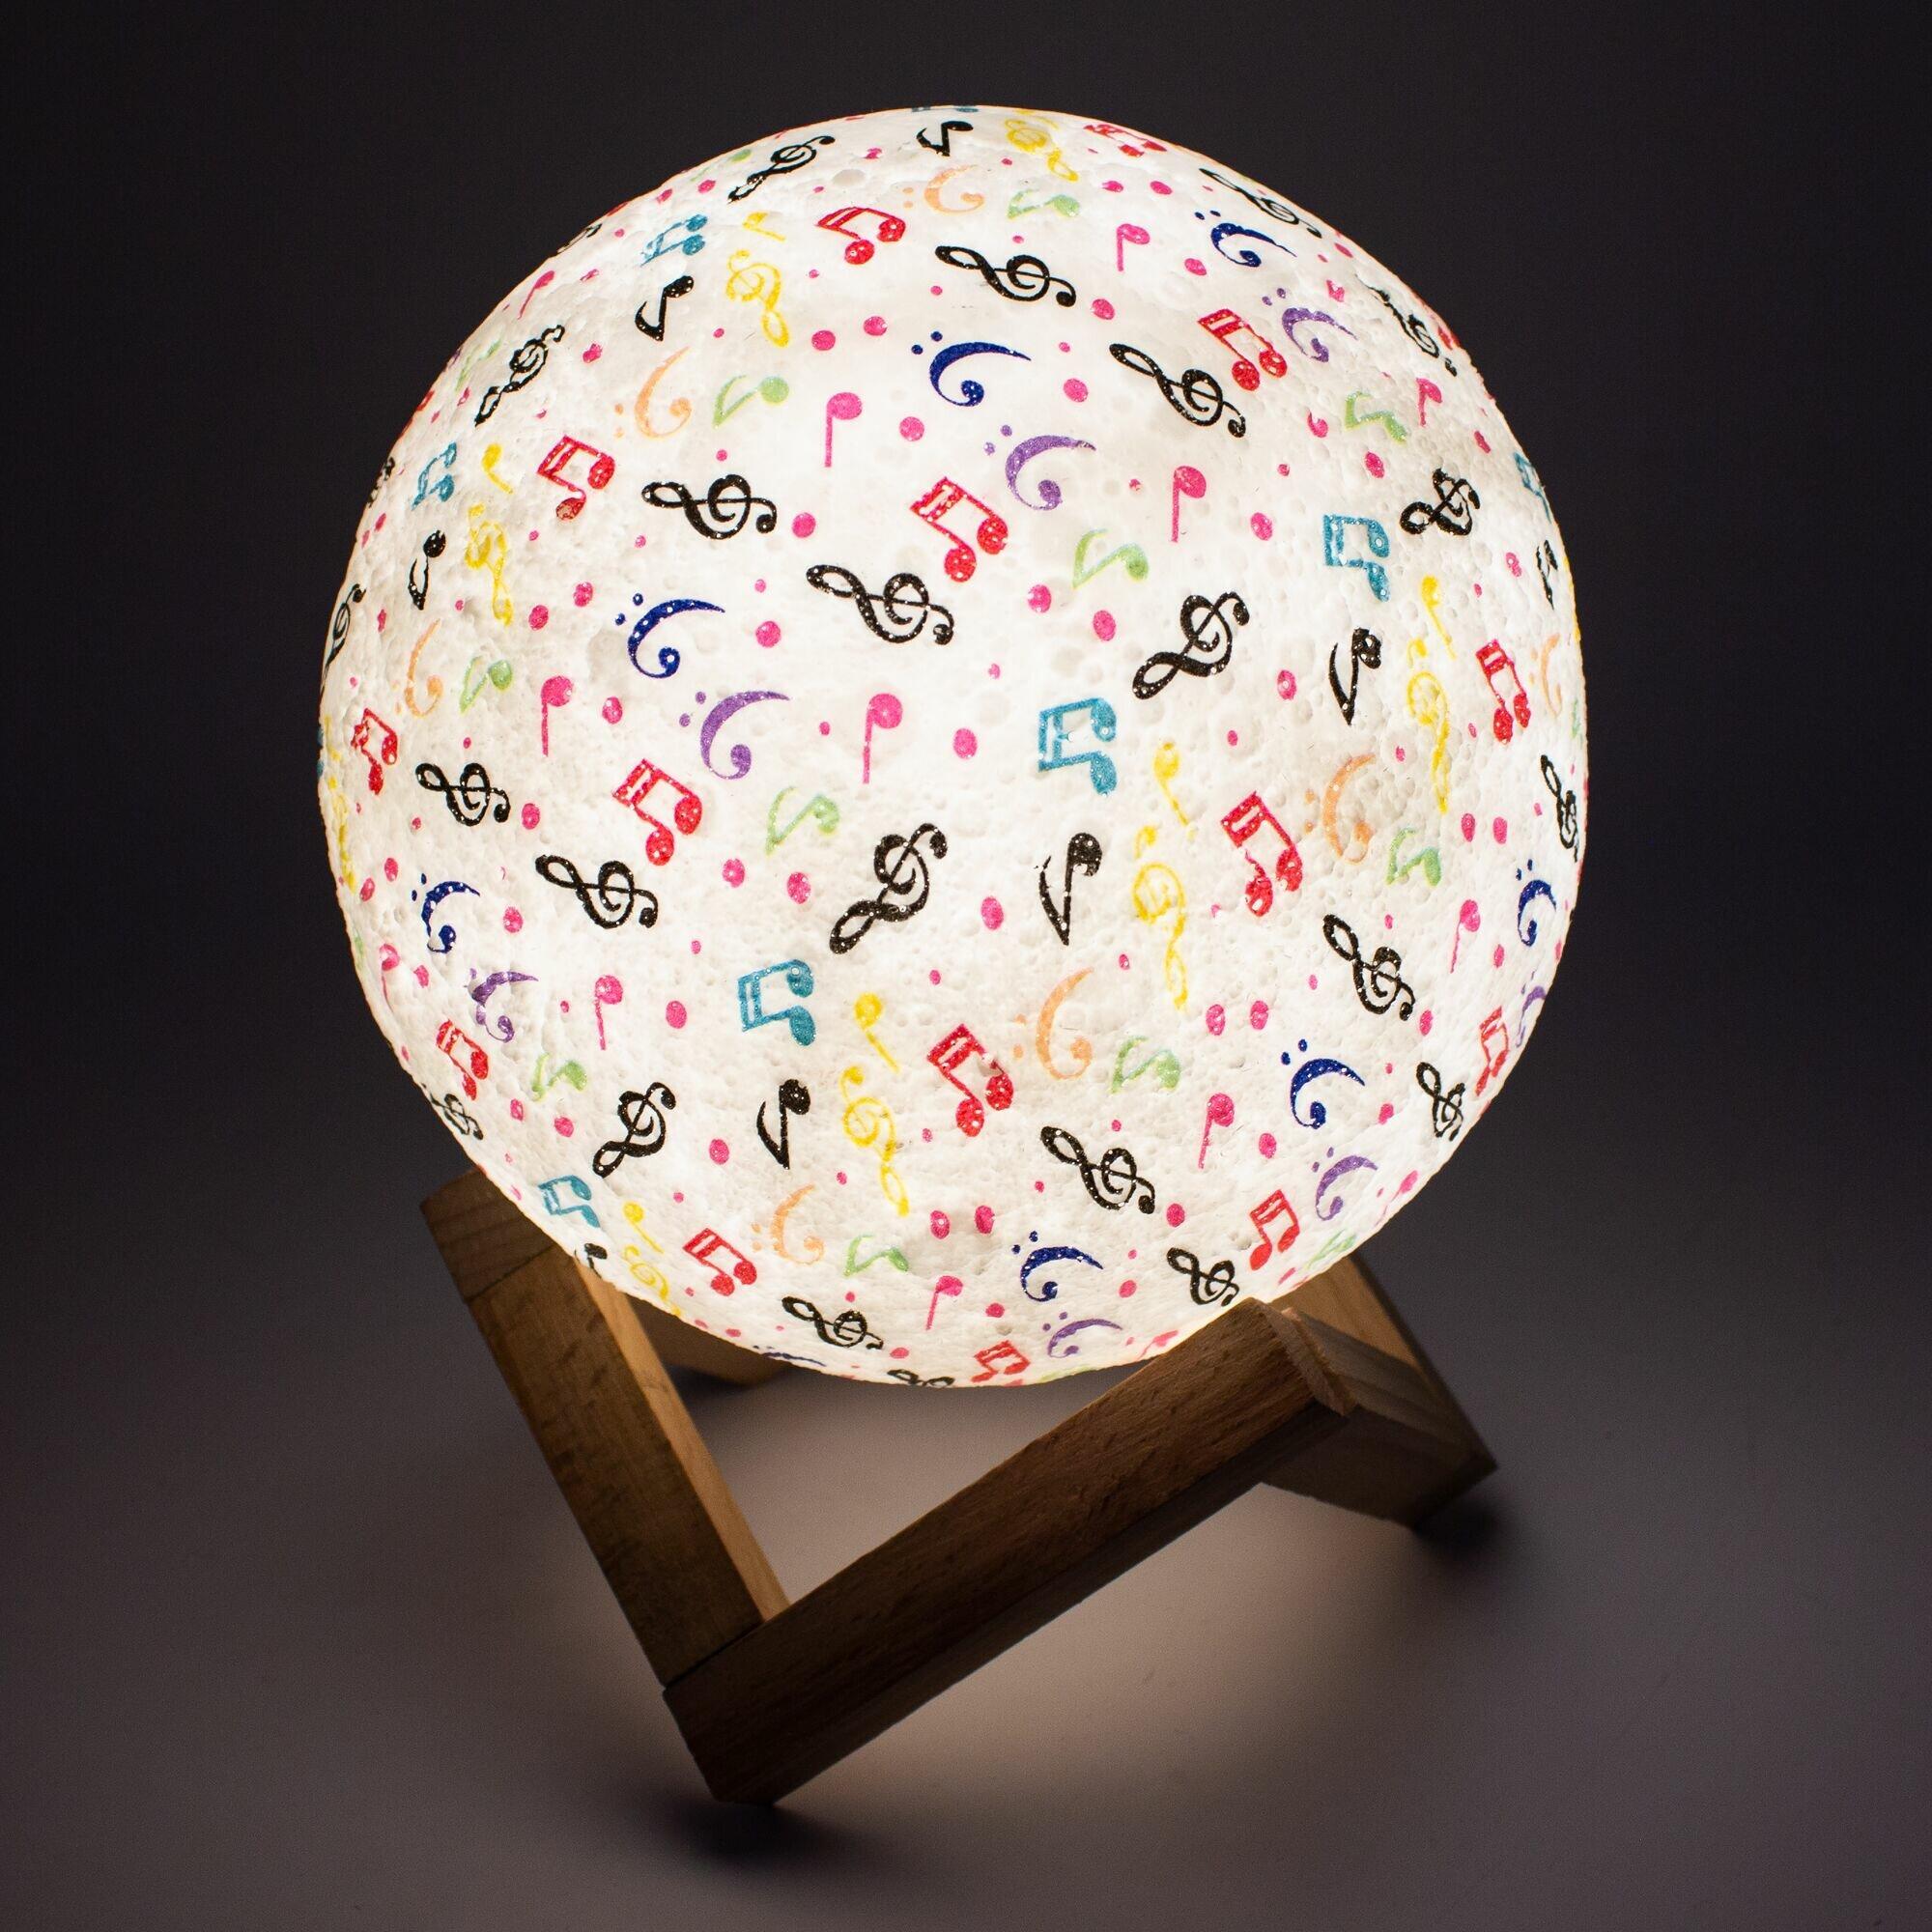 Лампа-ночник Sfero SF108 Музыкальное настроение 3 цвета Сенсорная d15 см.